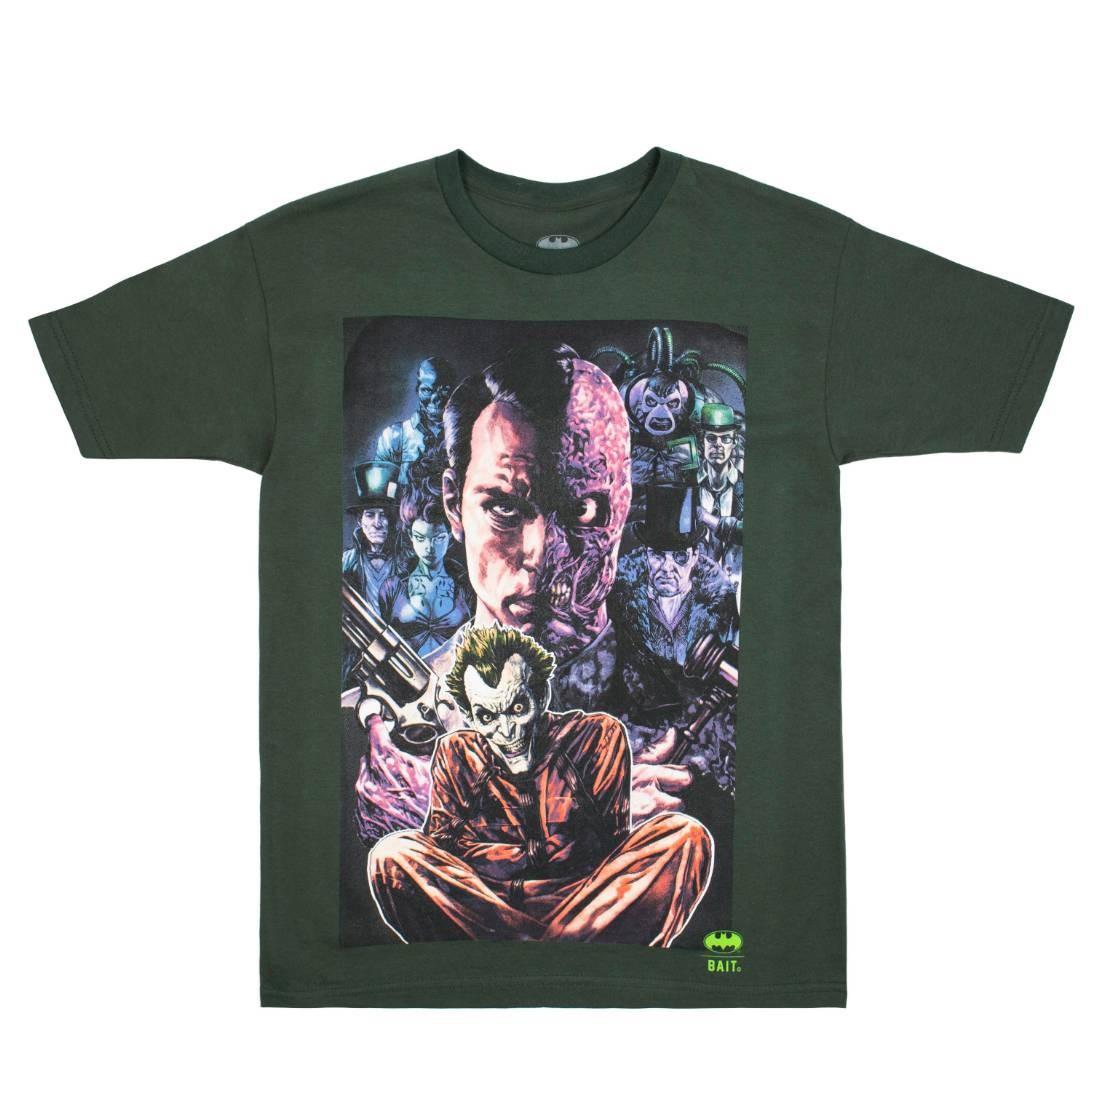 BAIT x Joker Men Villains Tee (green)